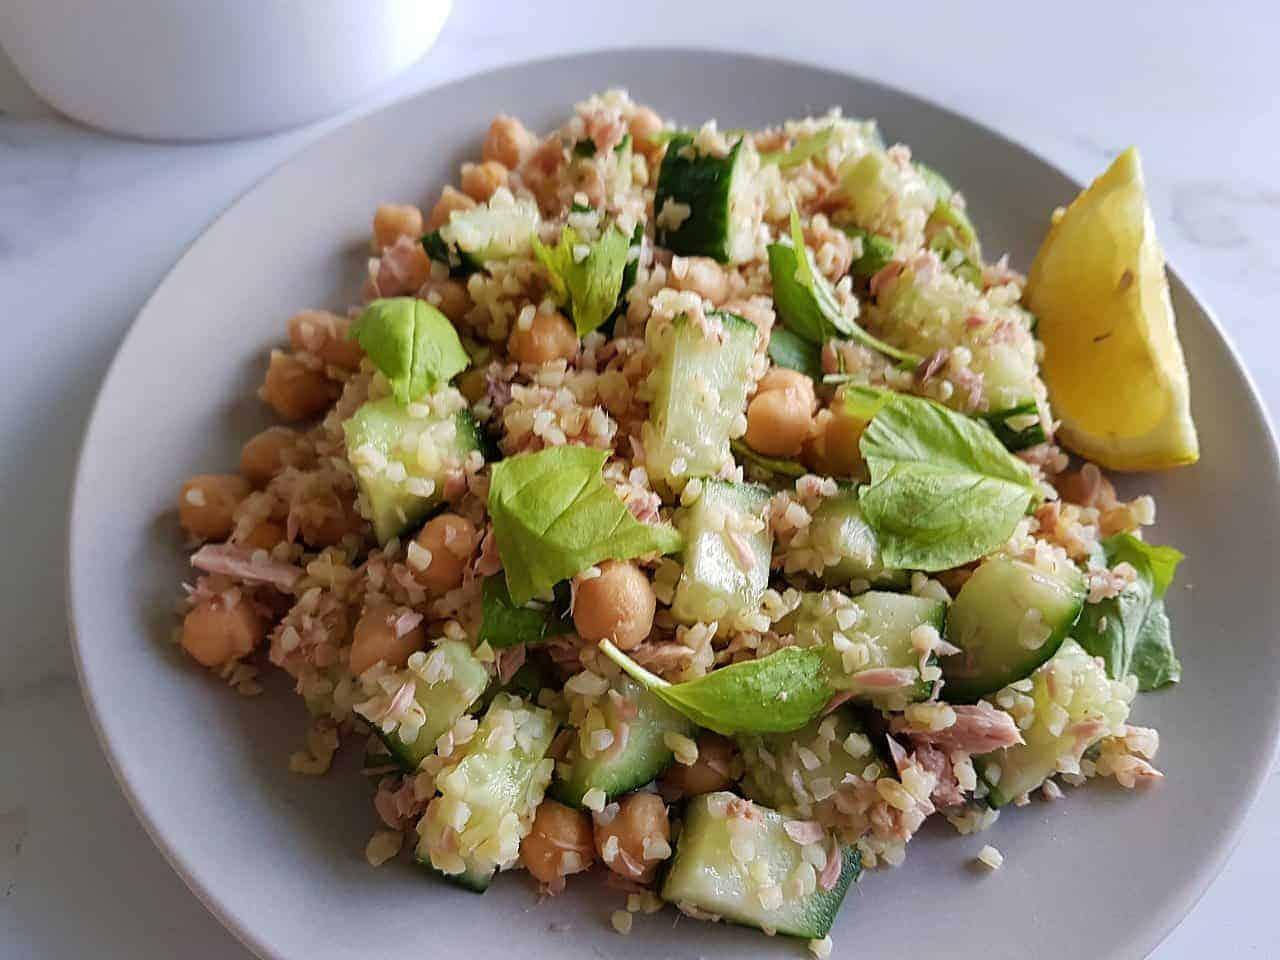 Tuna bulgur salad with chickpeas on a plate.